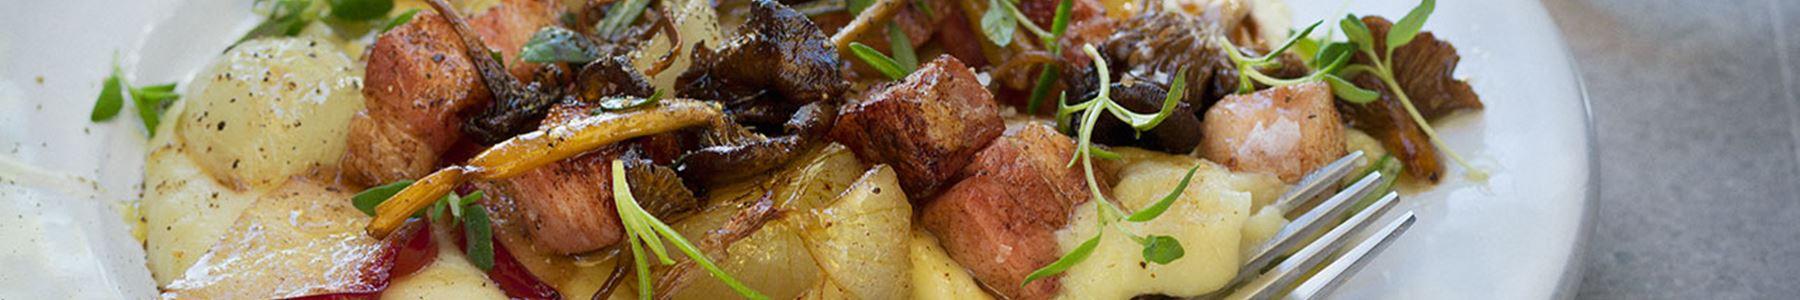 Jordärtskocka + Potatis + Tryffel